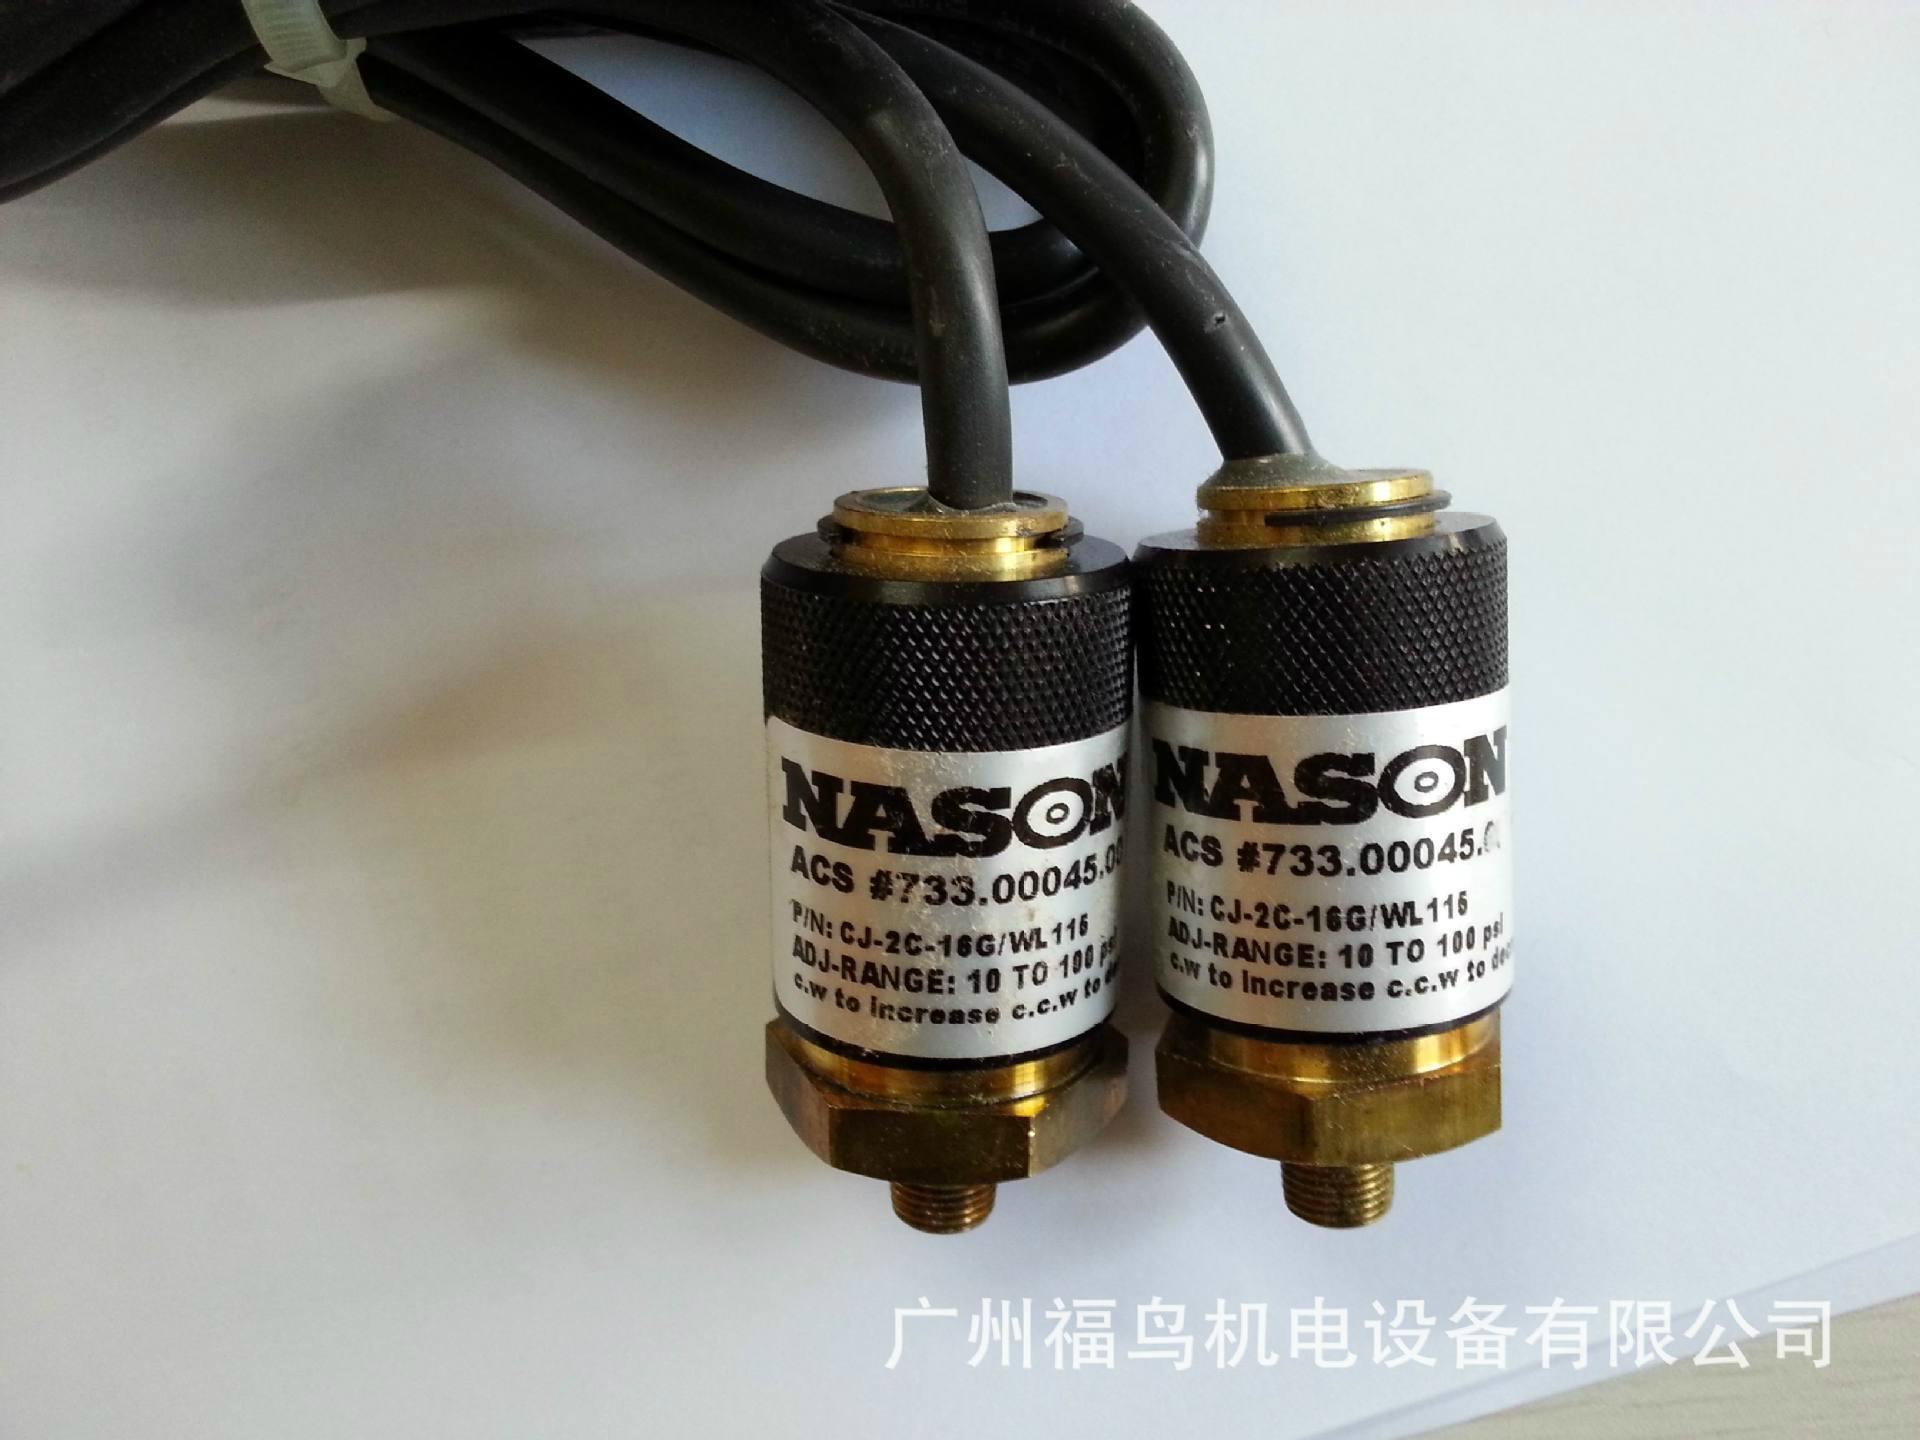 現貨供應NASON壓力開關(CJ-2C-16G/WL115) 10